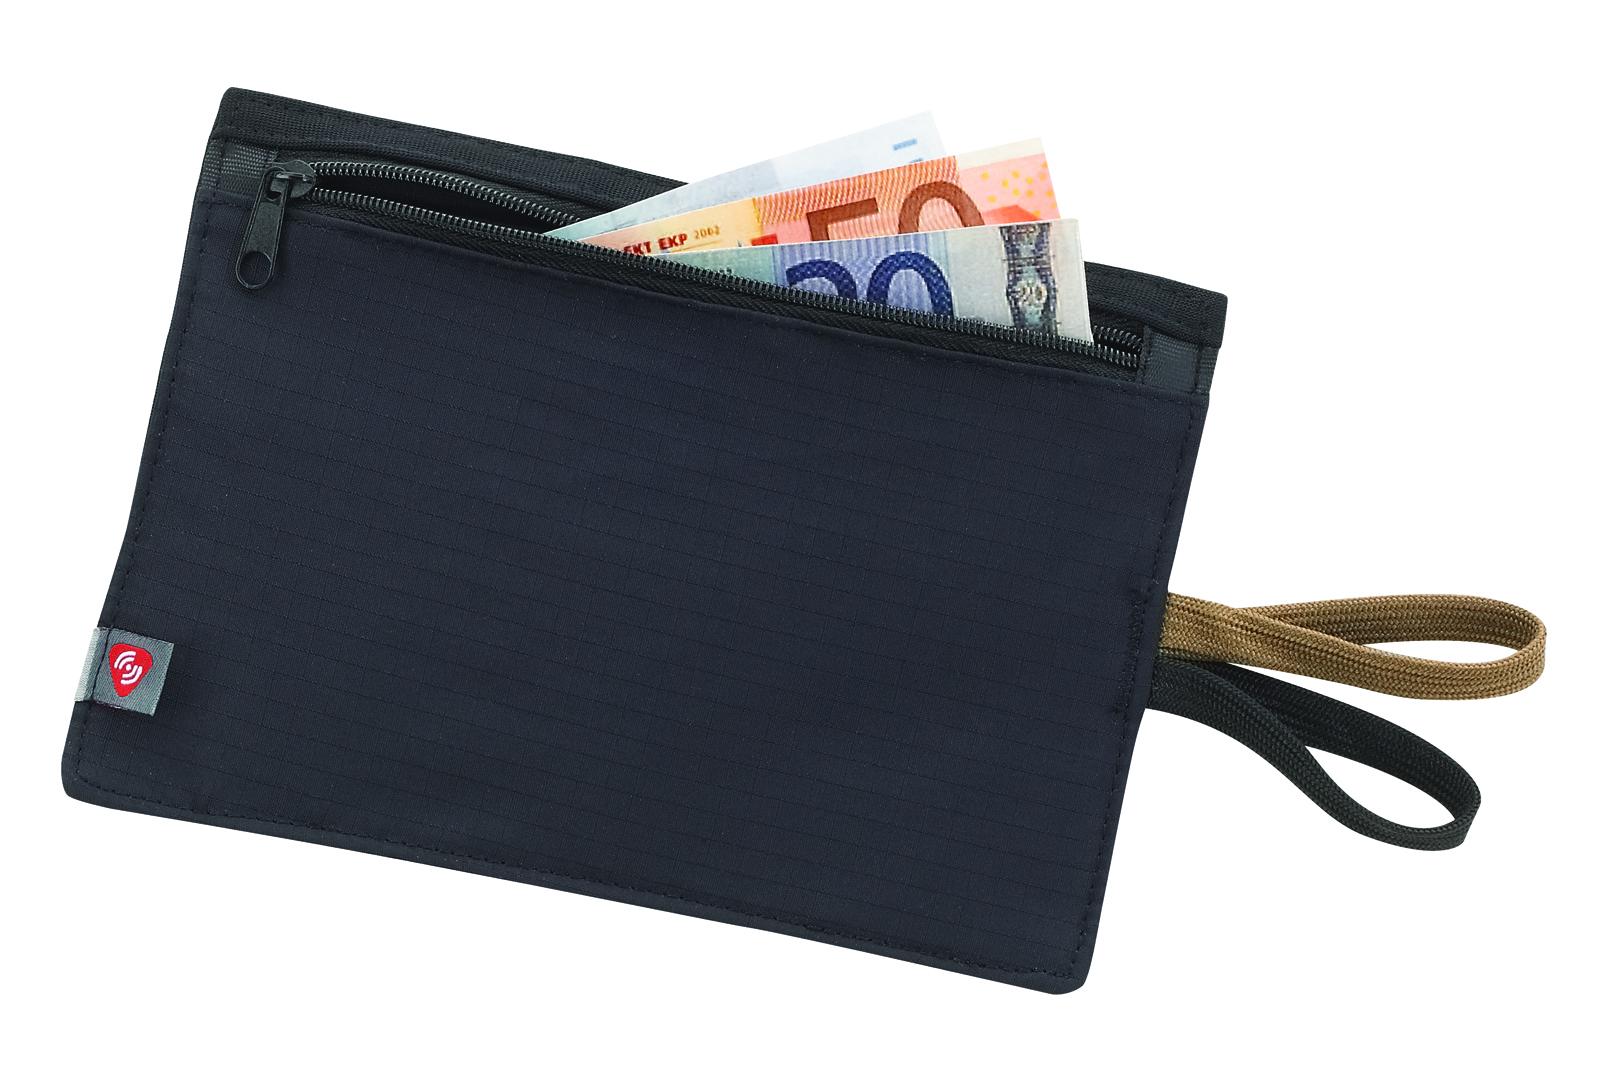 92df4bd61461 Lewis N Clark RFID Hidden Travel Wallet